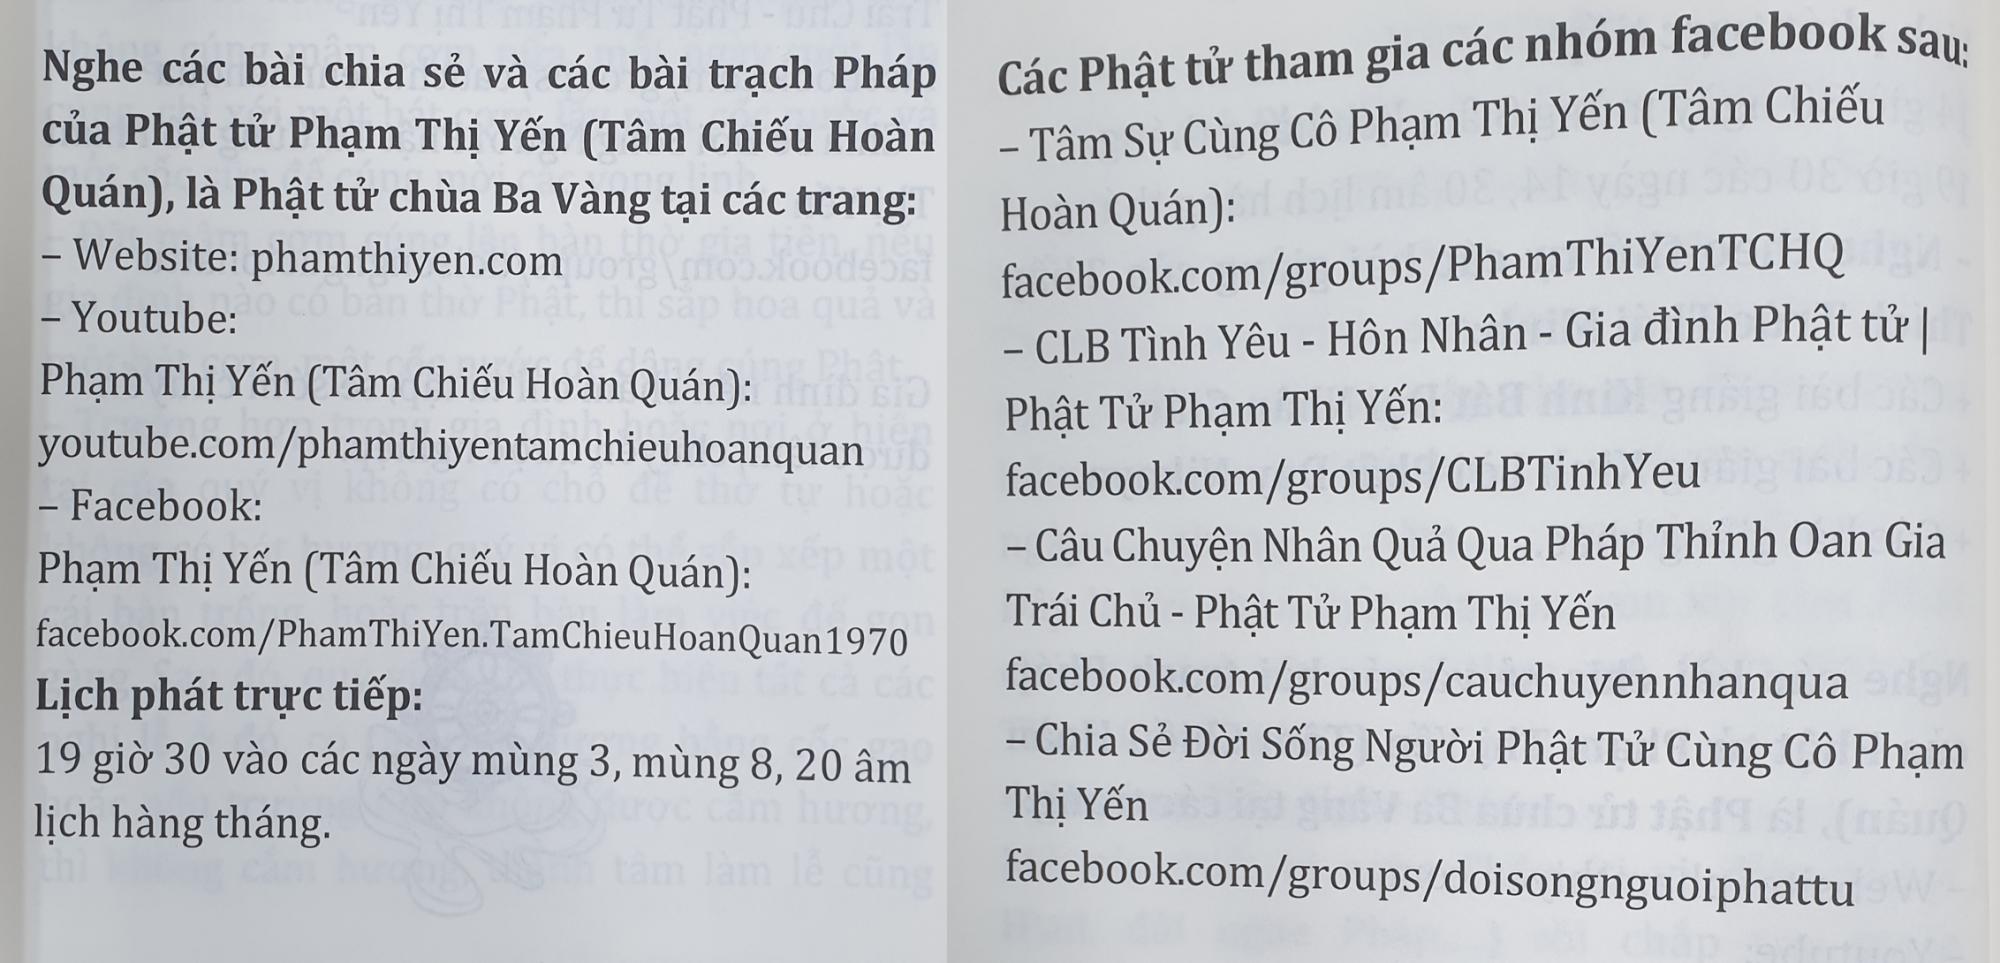 'Gọi vong' ở Ba Vàng: Bà Phạm Thị Yến là ai? - Ảnh 1